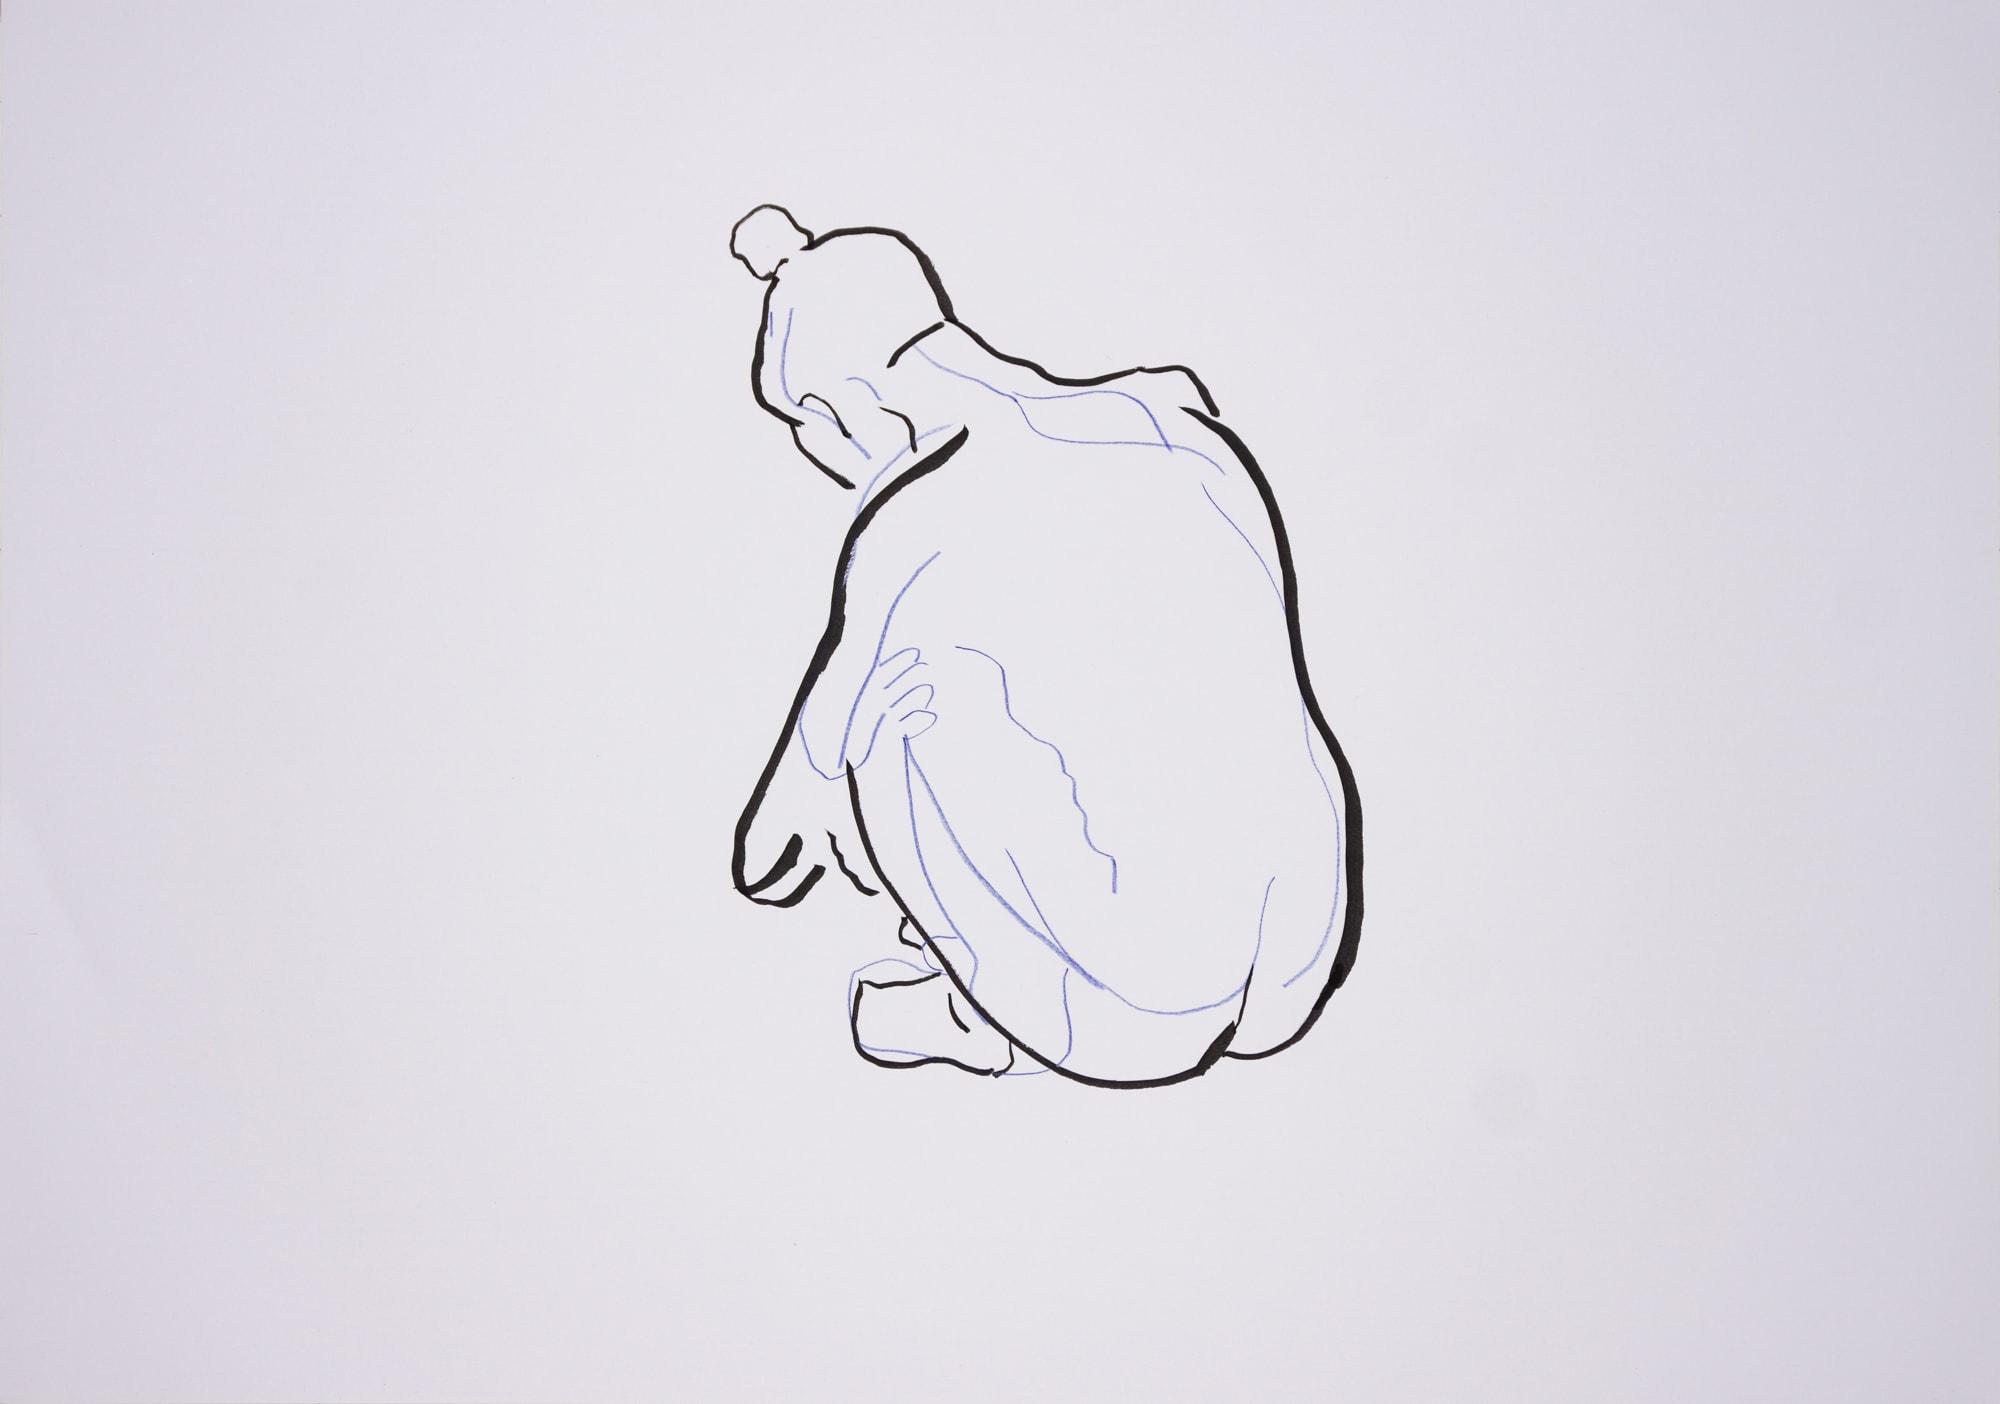 Zeichnung, Farbstift und Tusche auf Papier, 59,4x42cm, Akt, Künstlerin: Franziska King